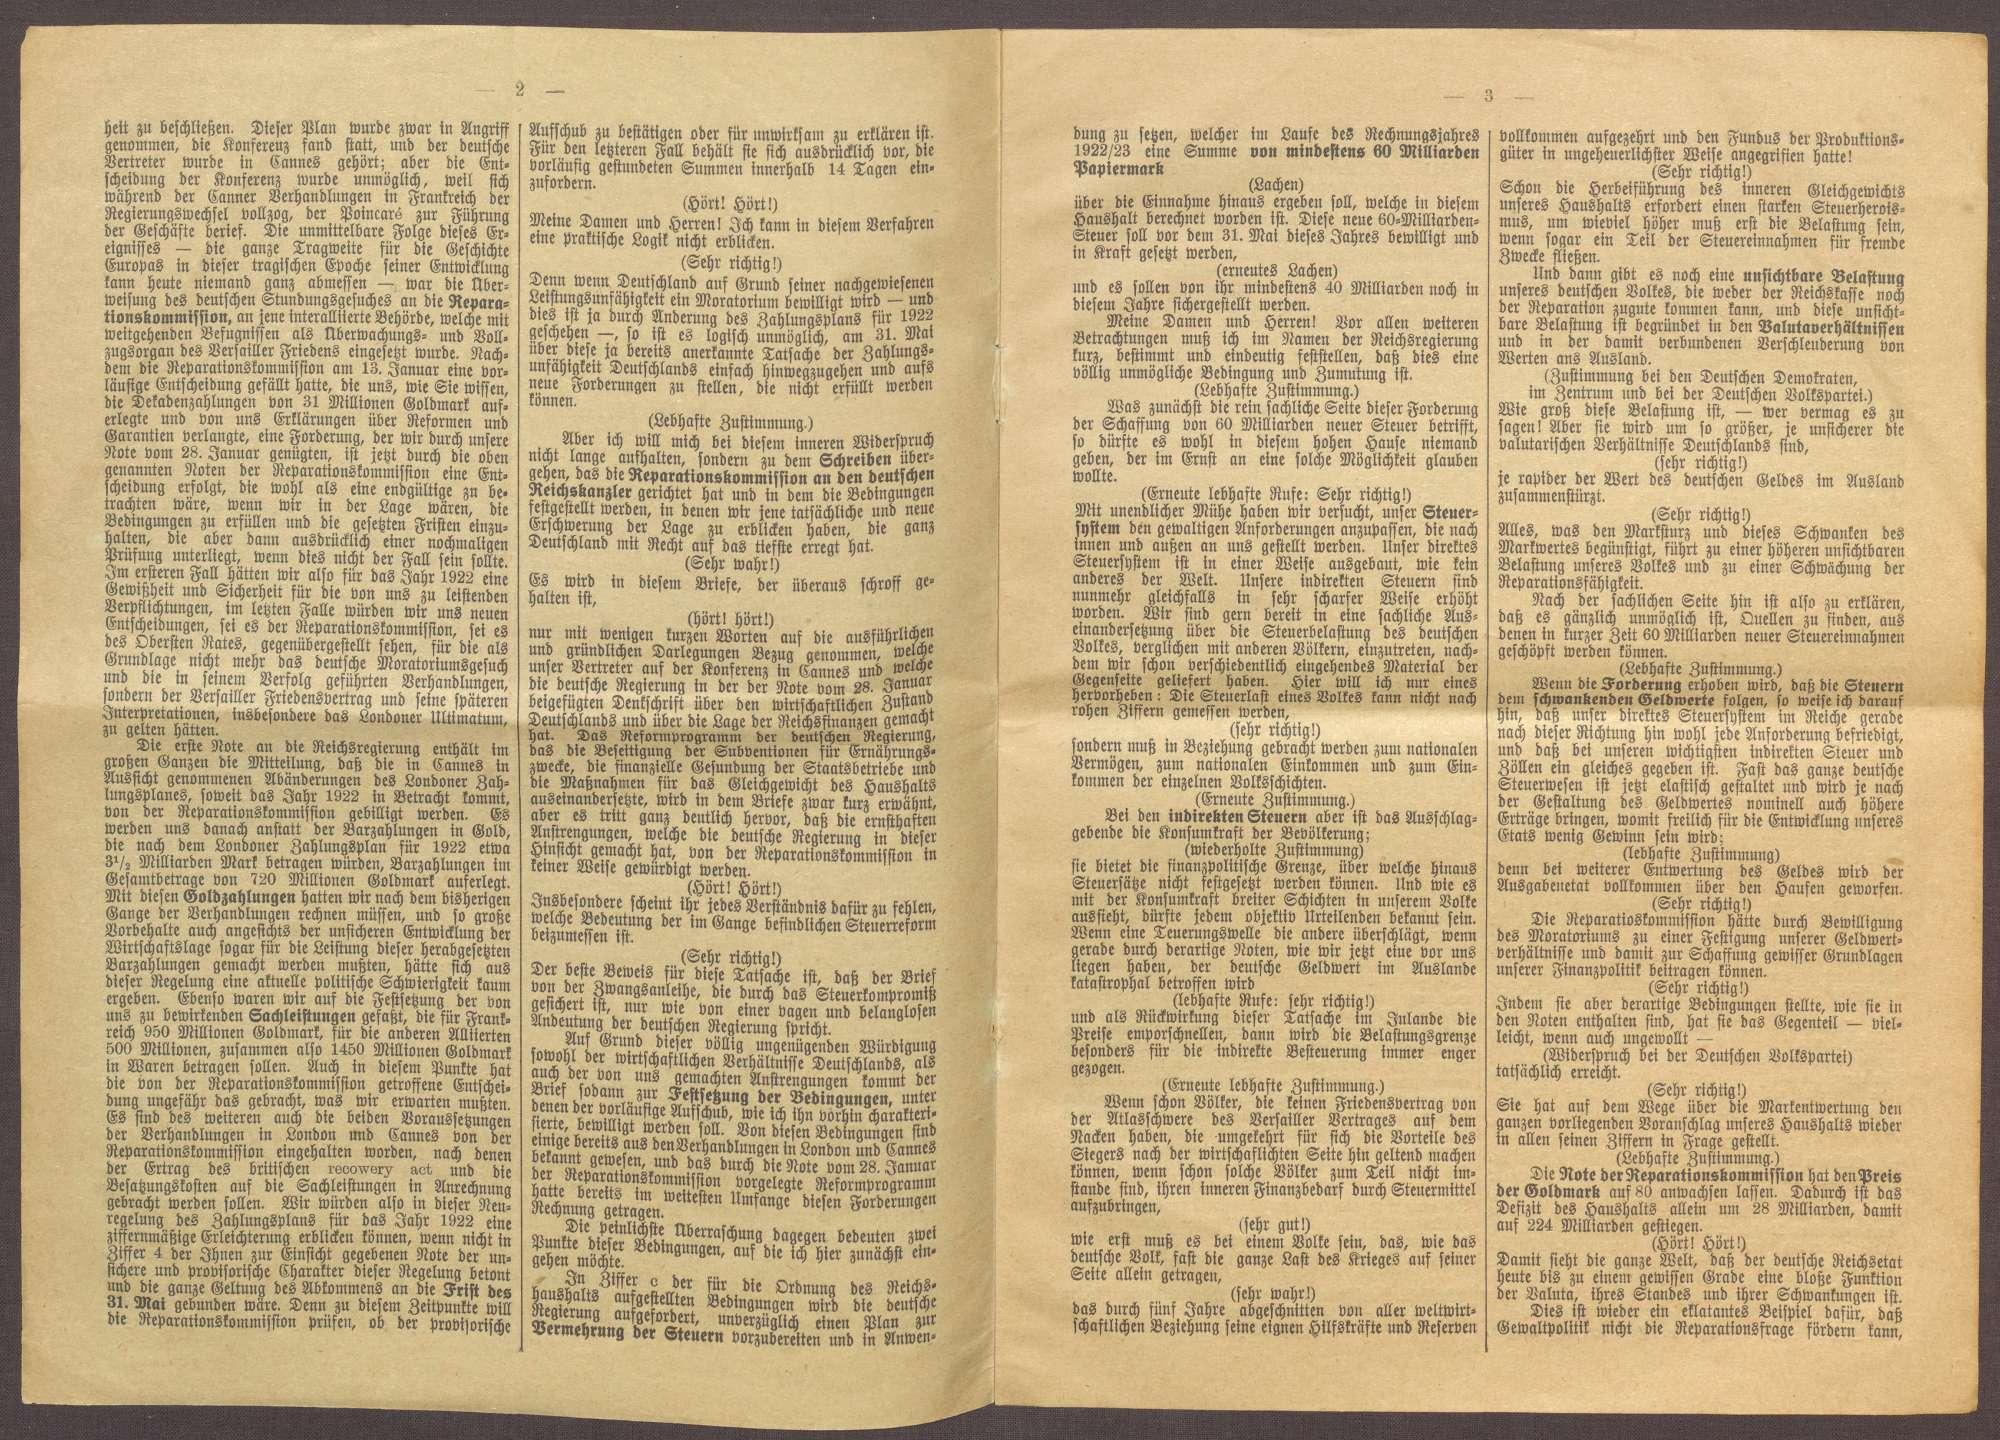 Reichstagsrede von Joseph Wirth zu den Reparationszahlungen Deutschlands, Bild 2